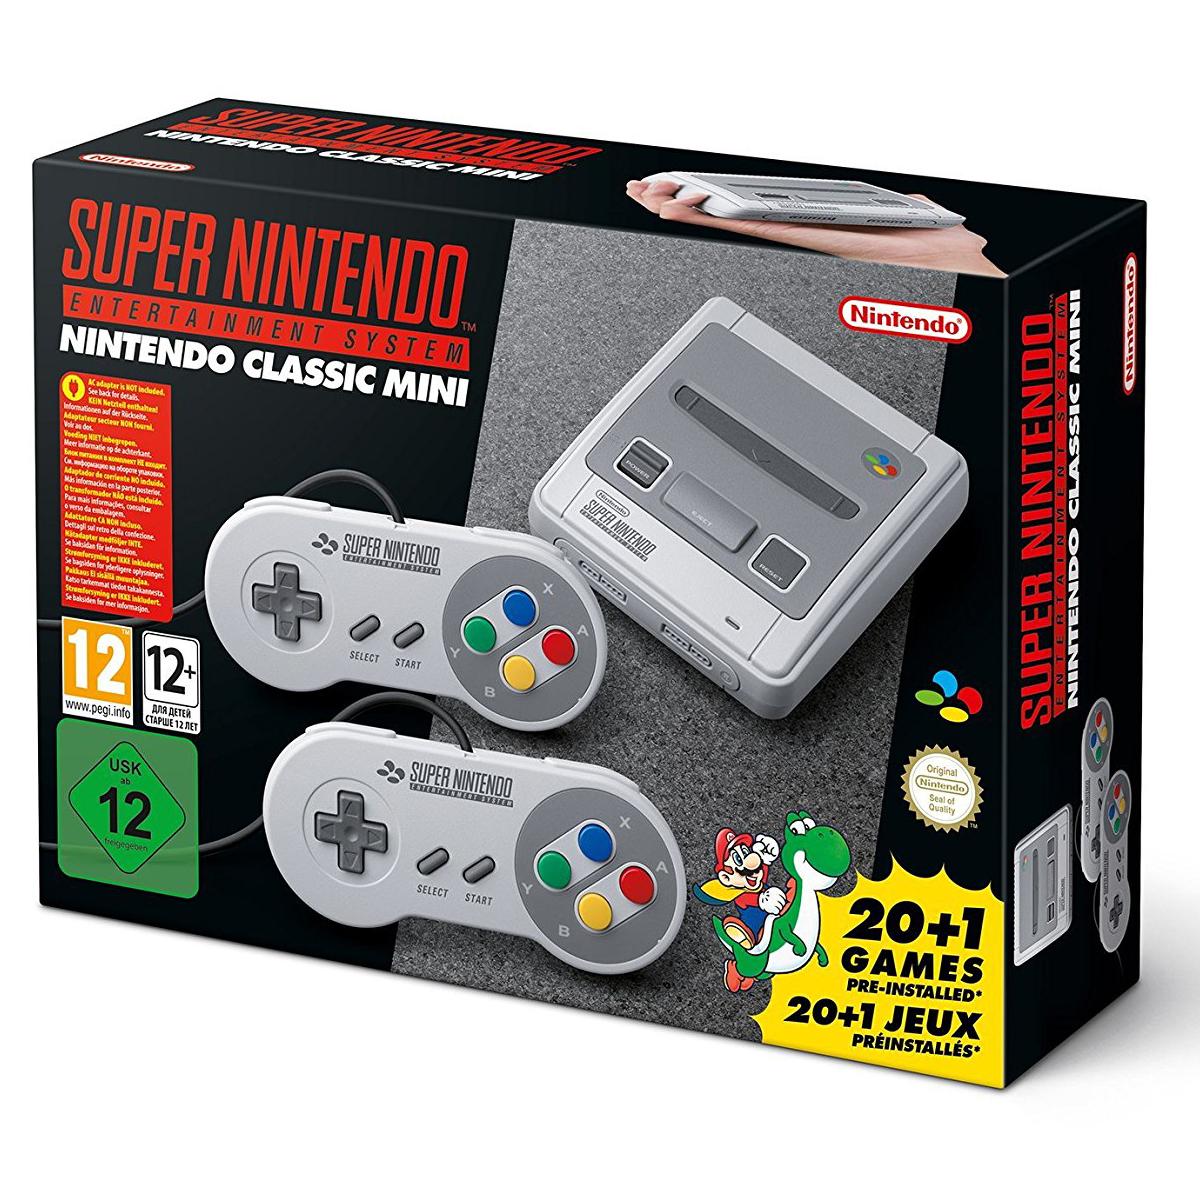 Rétrogaming Nintendo Classic Mini : Super NES Console Mini Super NES avec 21 jeux préinstallés